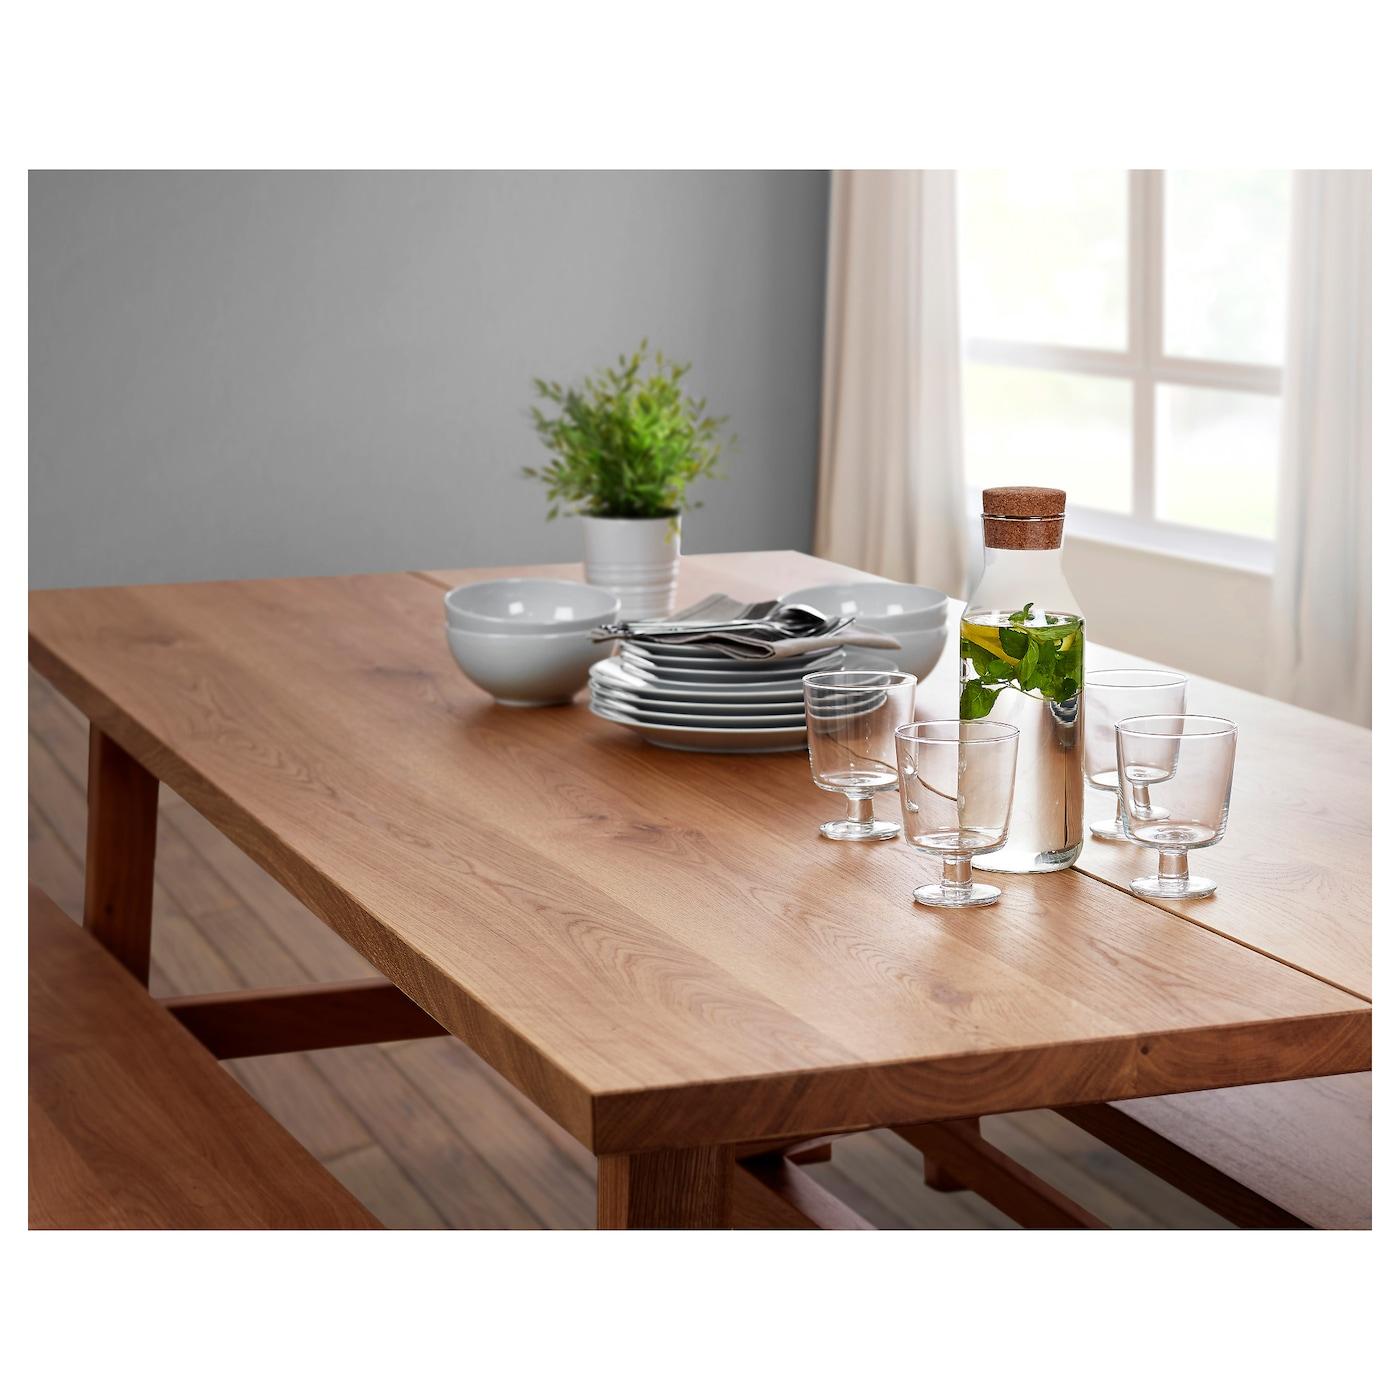 MÖCKELBY Table - oak 3x3 cm